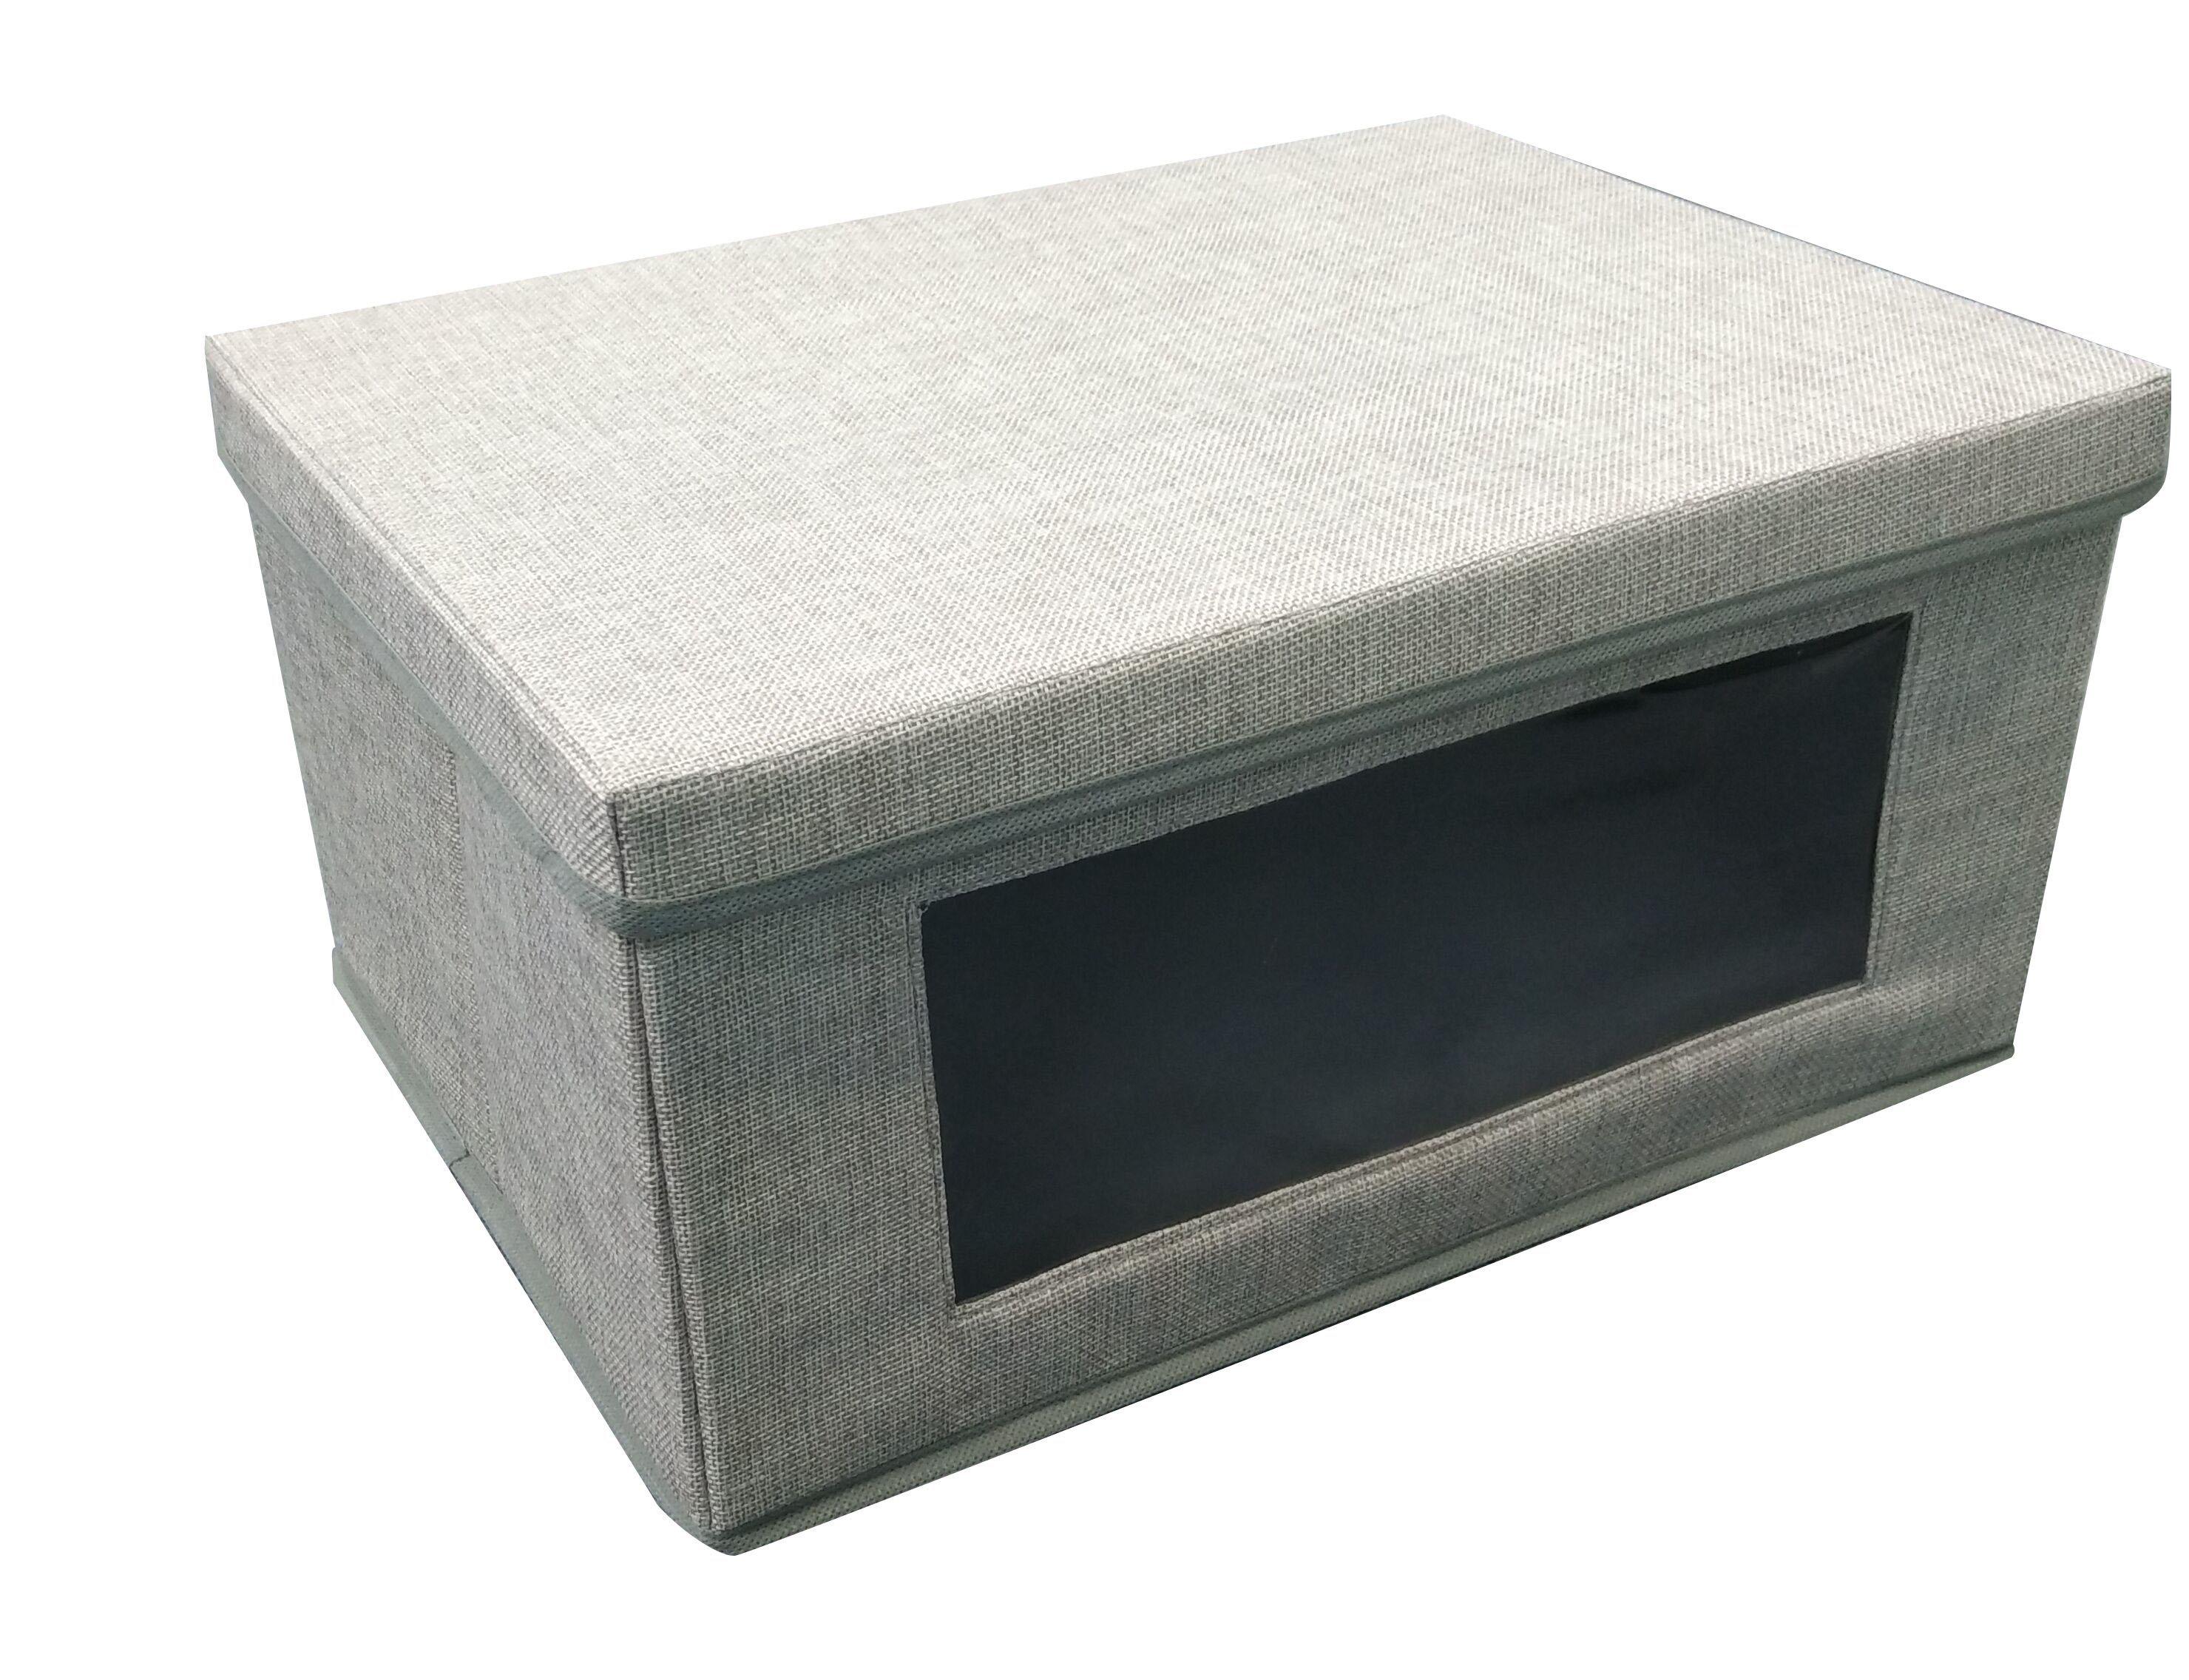 aufbewahrungsbox mit deckel preisvergleich die besten angebote online kaufen. Black Bedroom Furniture Sets. Home Design Ideas